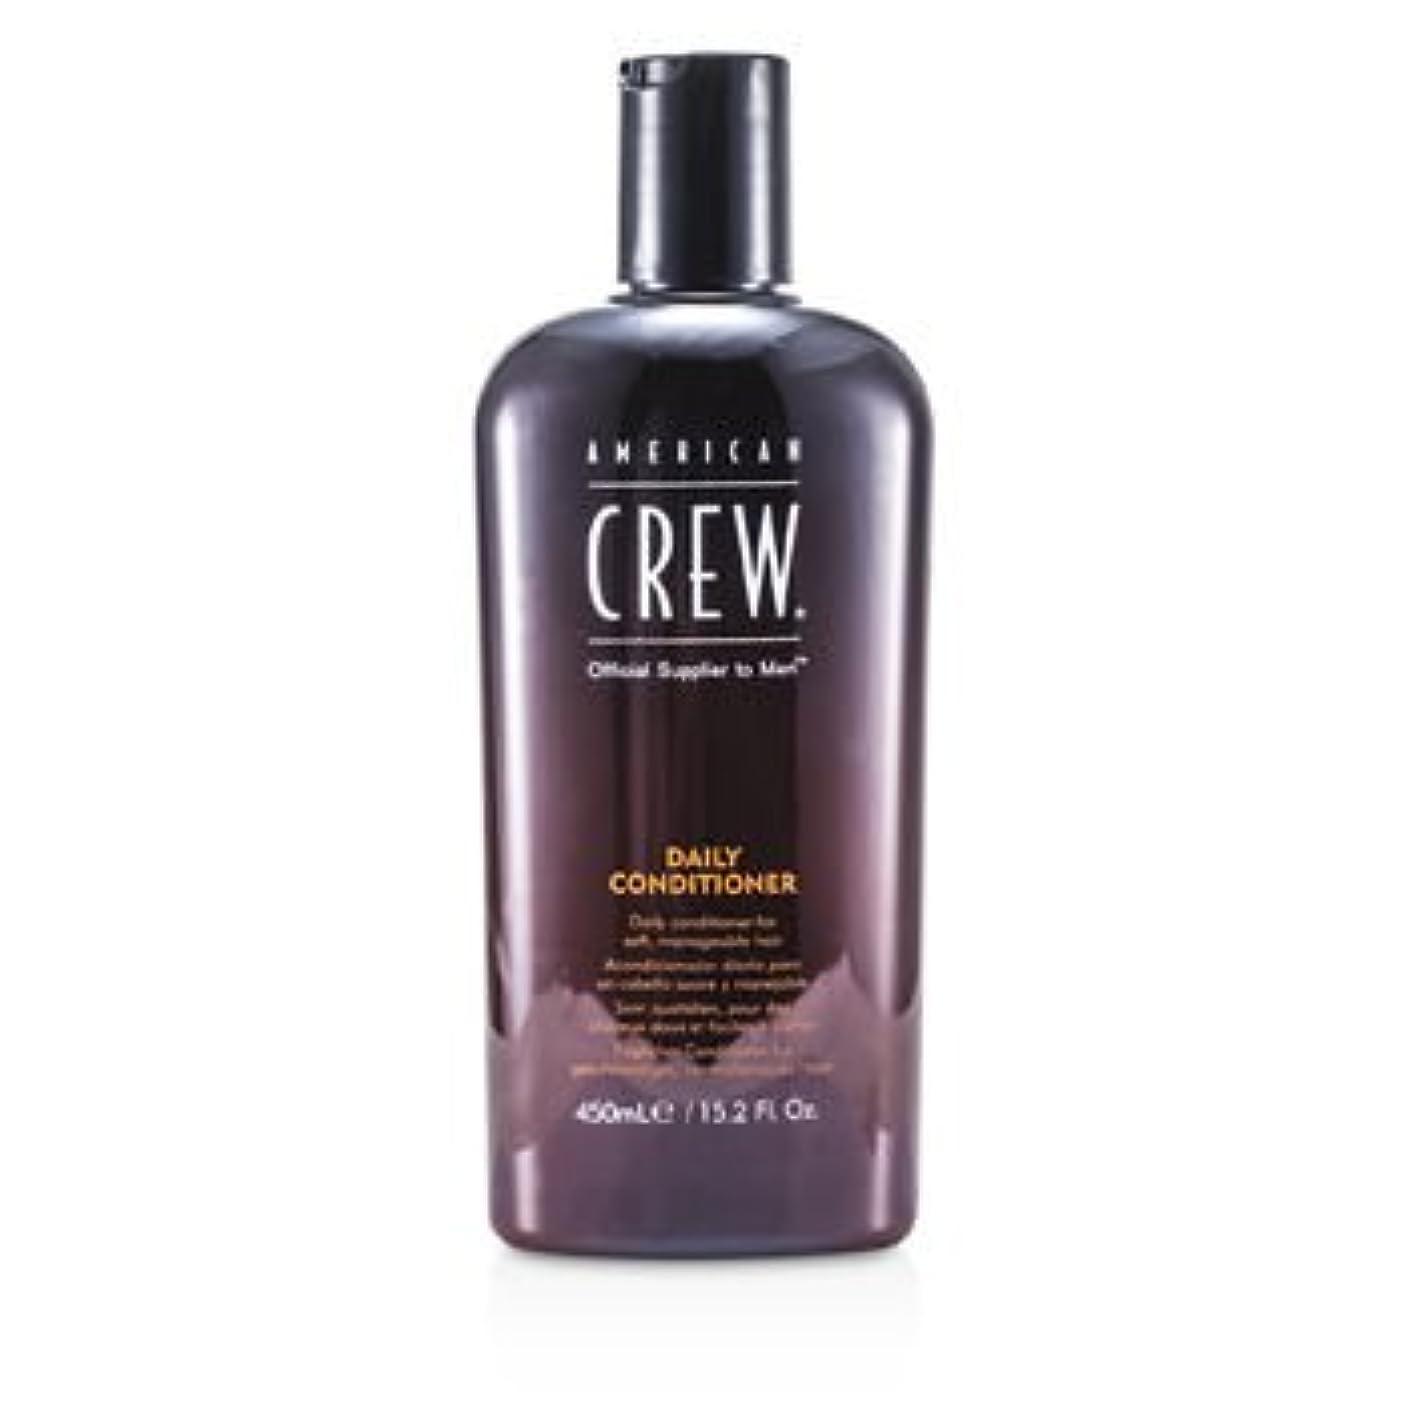 句代わりのトランスミッション[American Crew] Men Daily Conditioner (For Soft Manageable Hair) 450ml/15.2oz